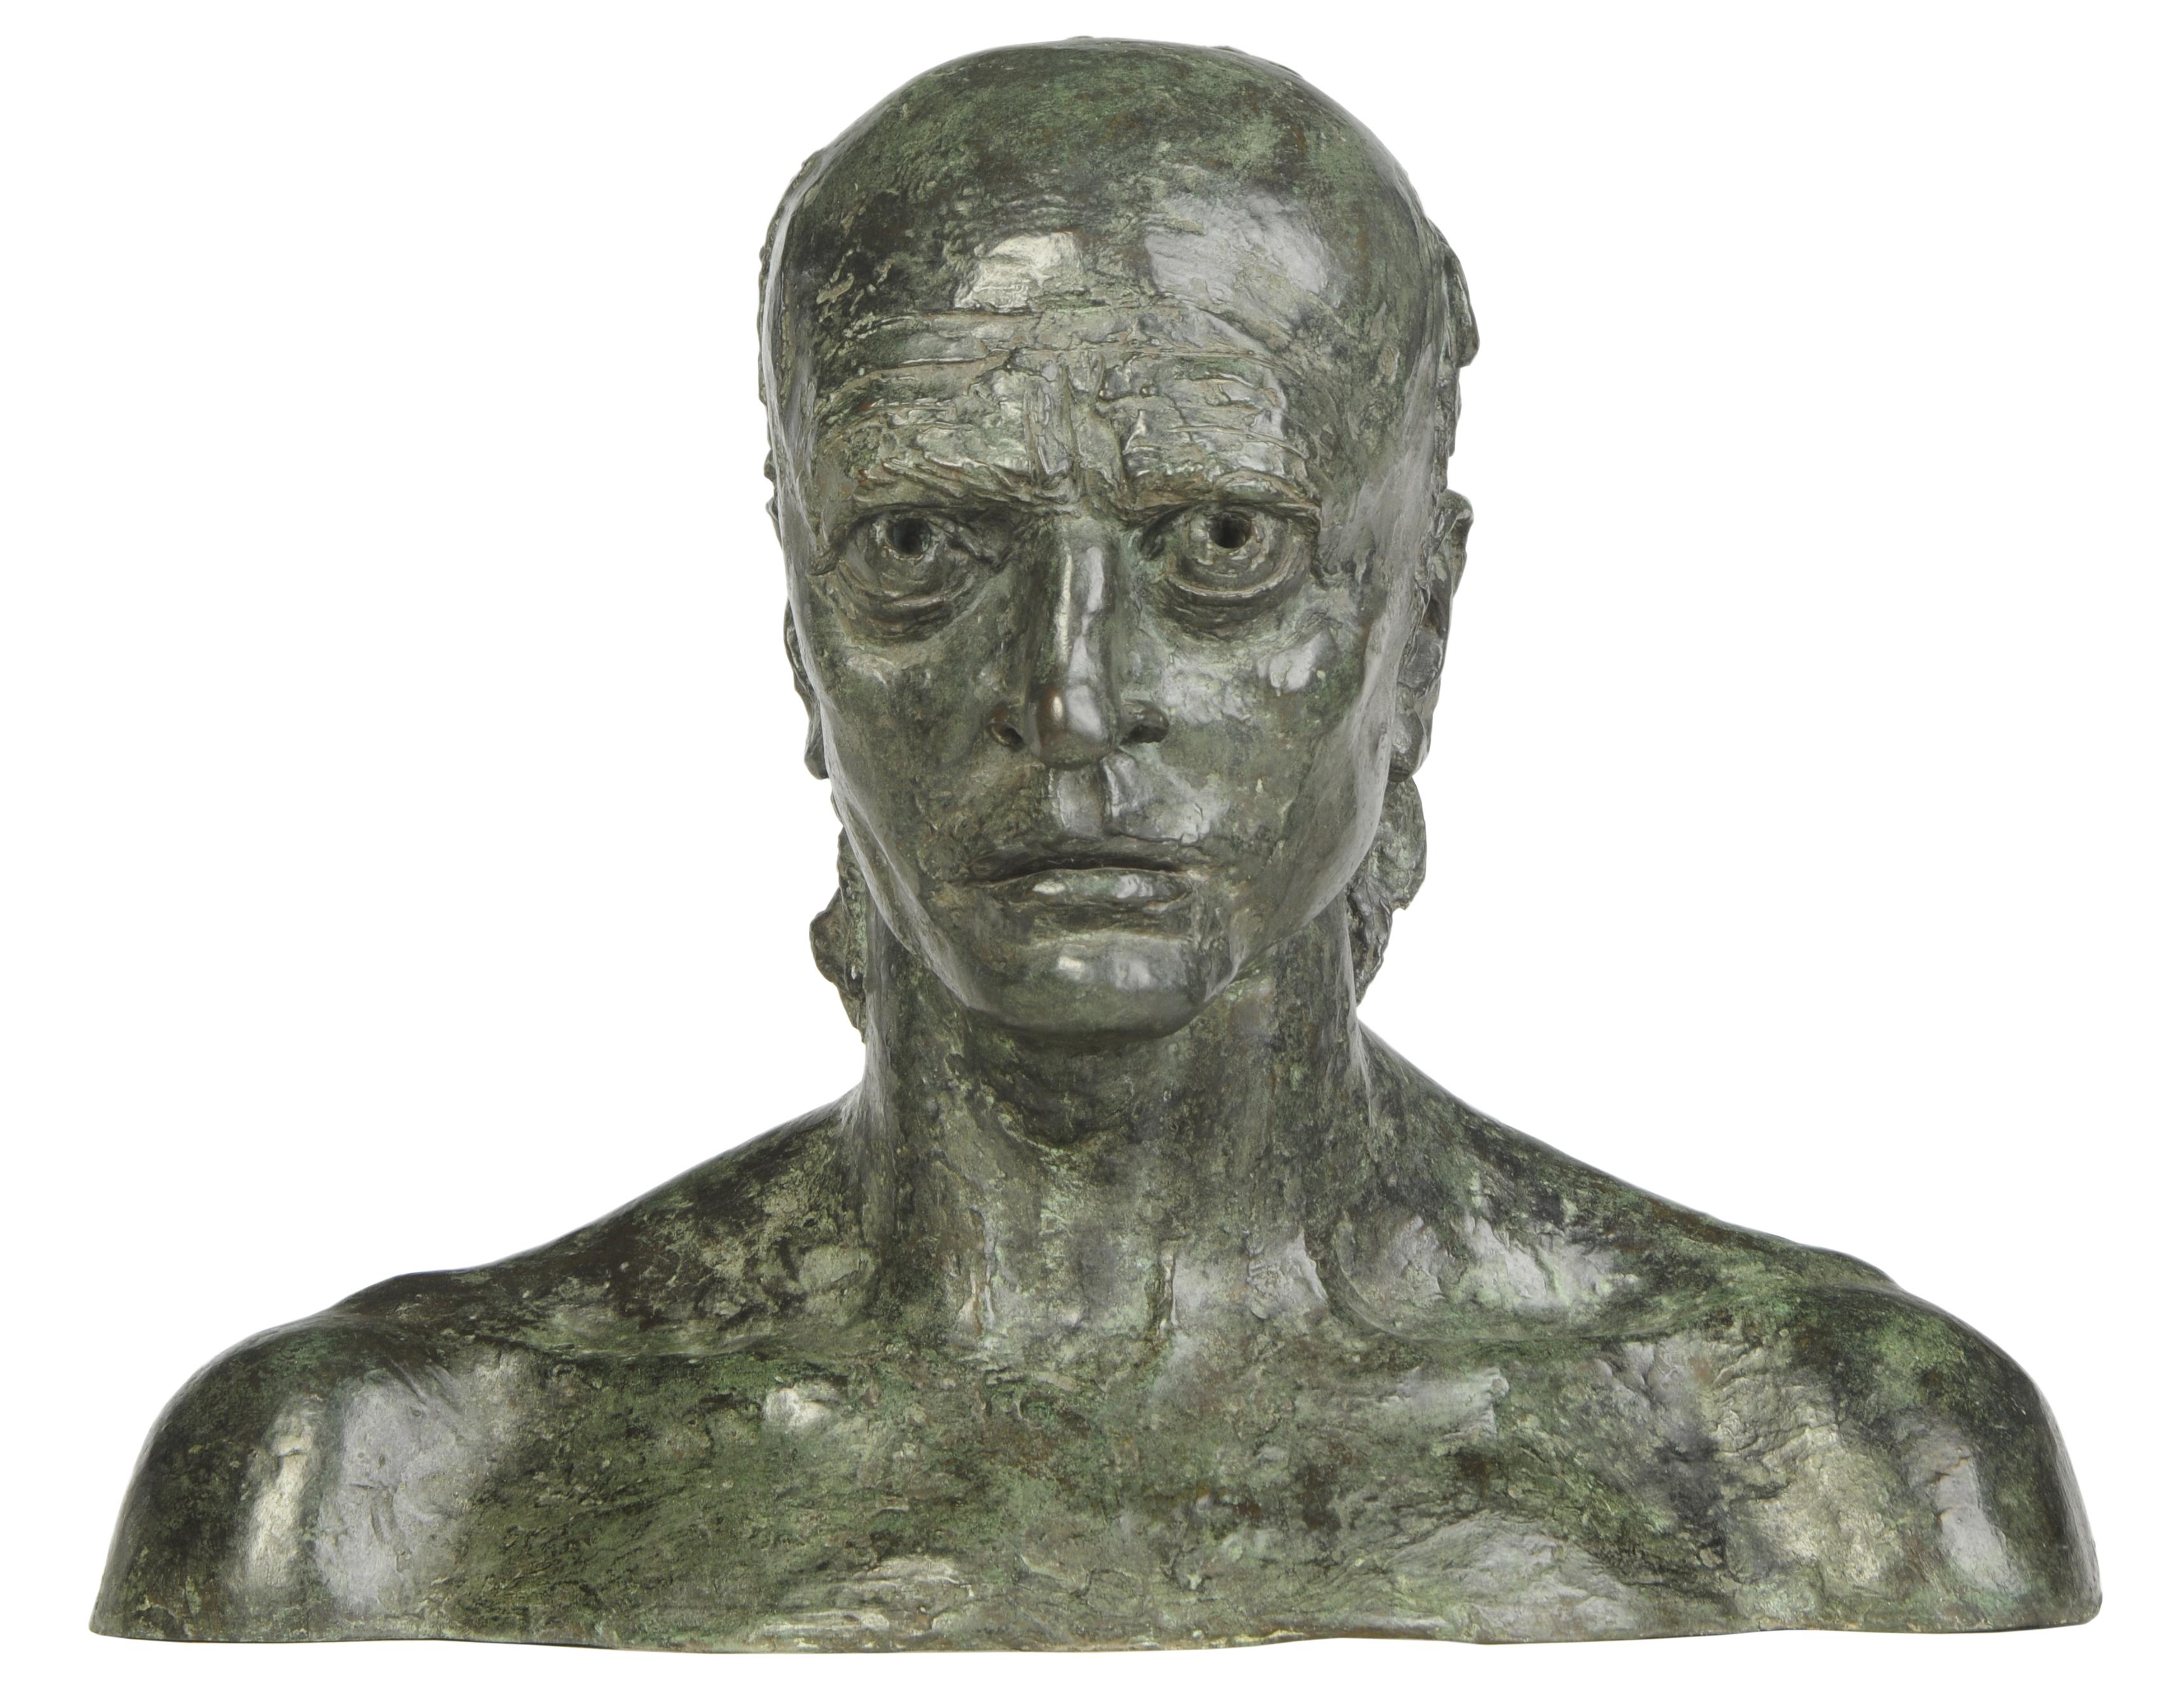 Monument to William Blake